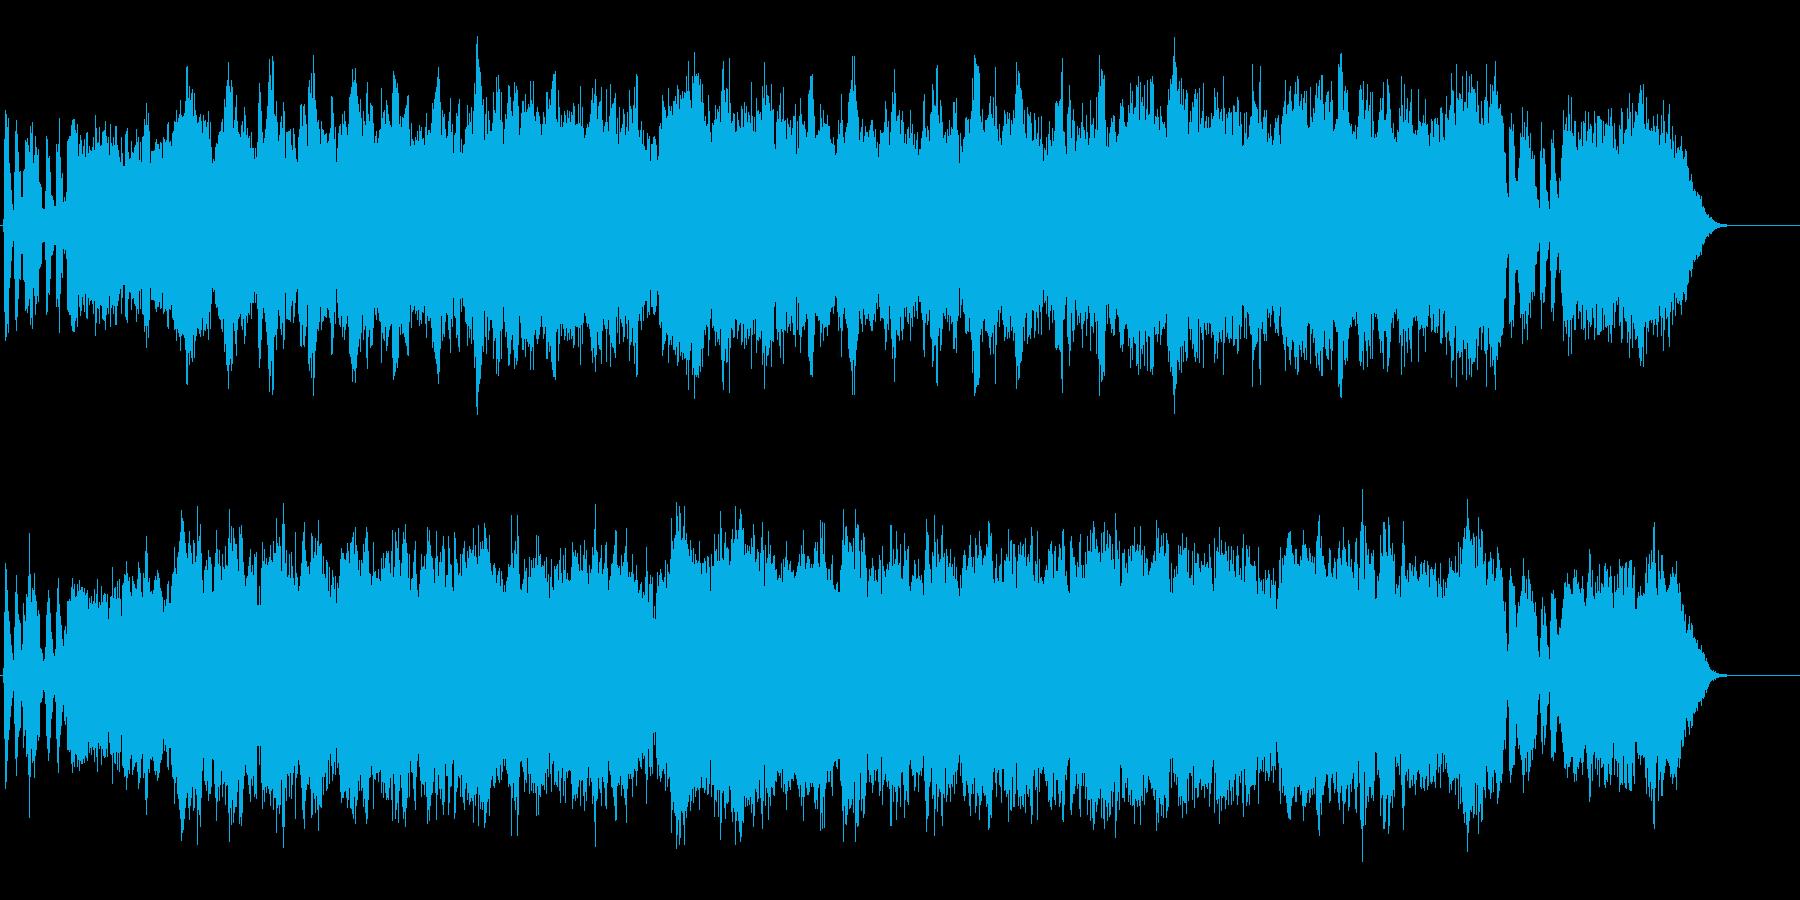 悲しい別れをイメージしたストリングス曲の再生済みの波形